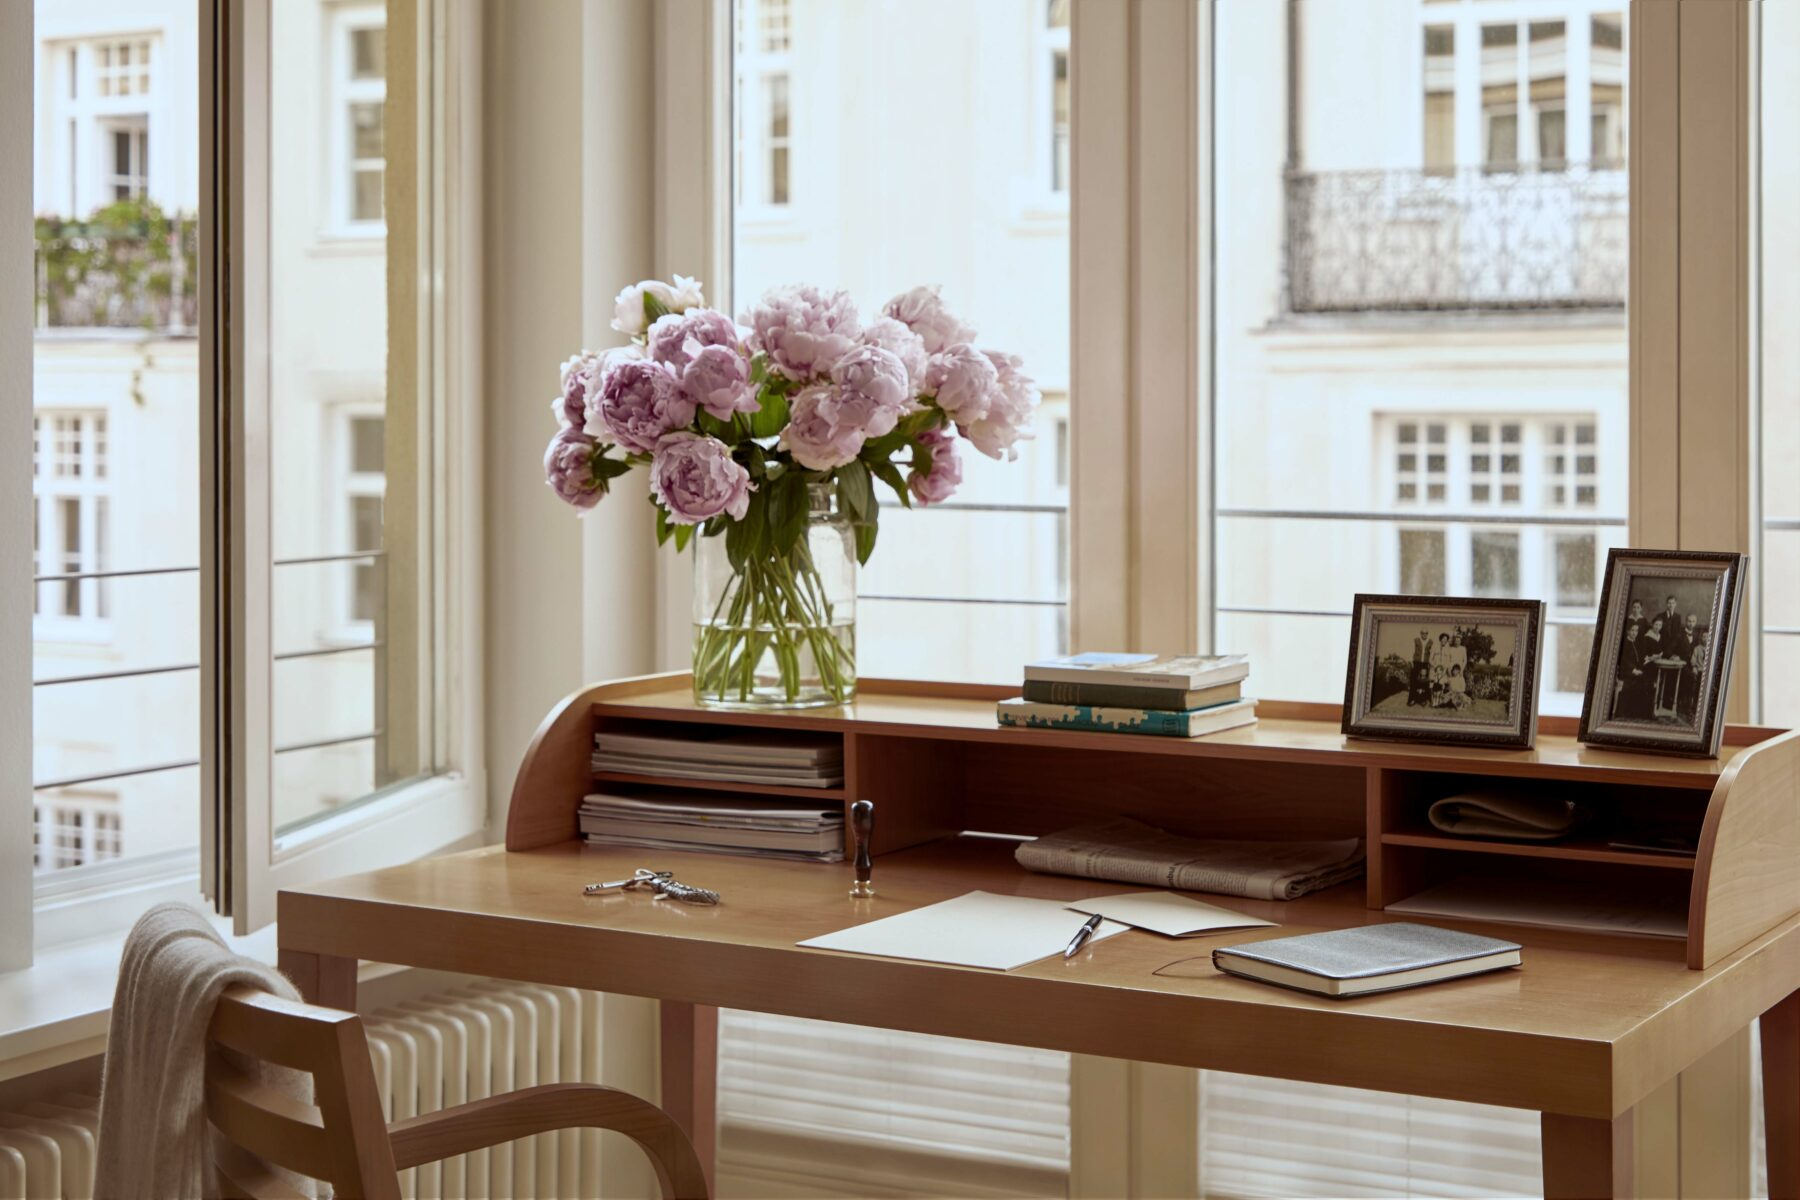 liebevoll dekorierte Schreibecke in einer Wohnung der Tertianum Residenz München mit Blick aus dem Fenster.